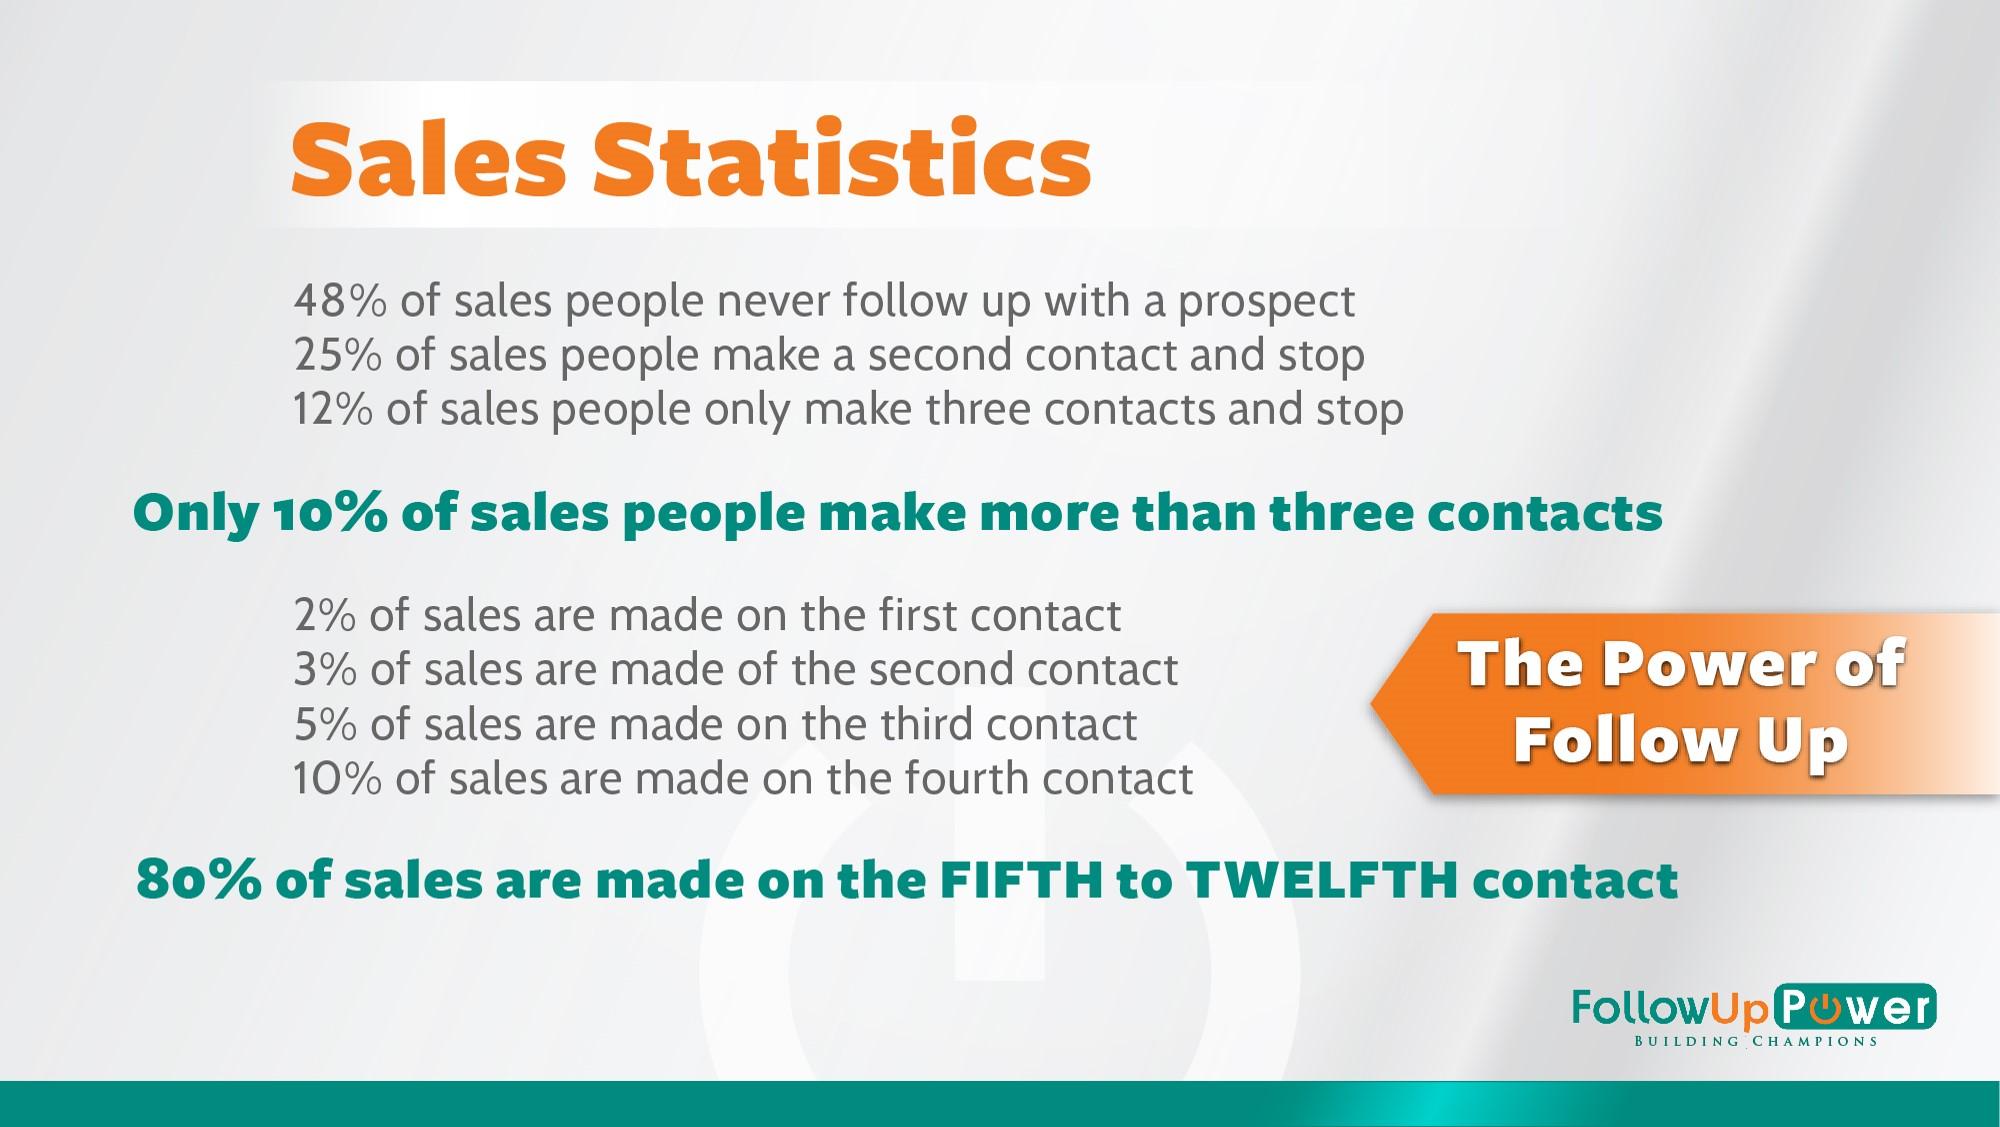 followup statistics